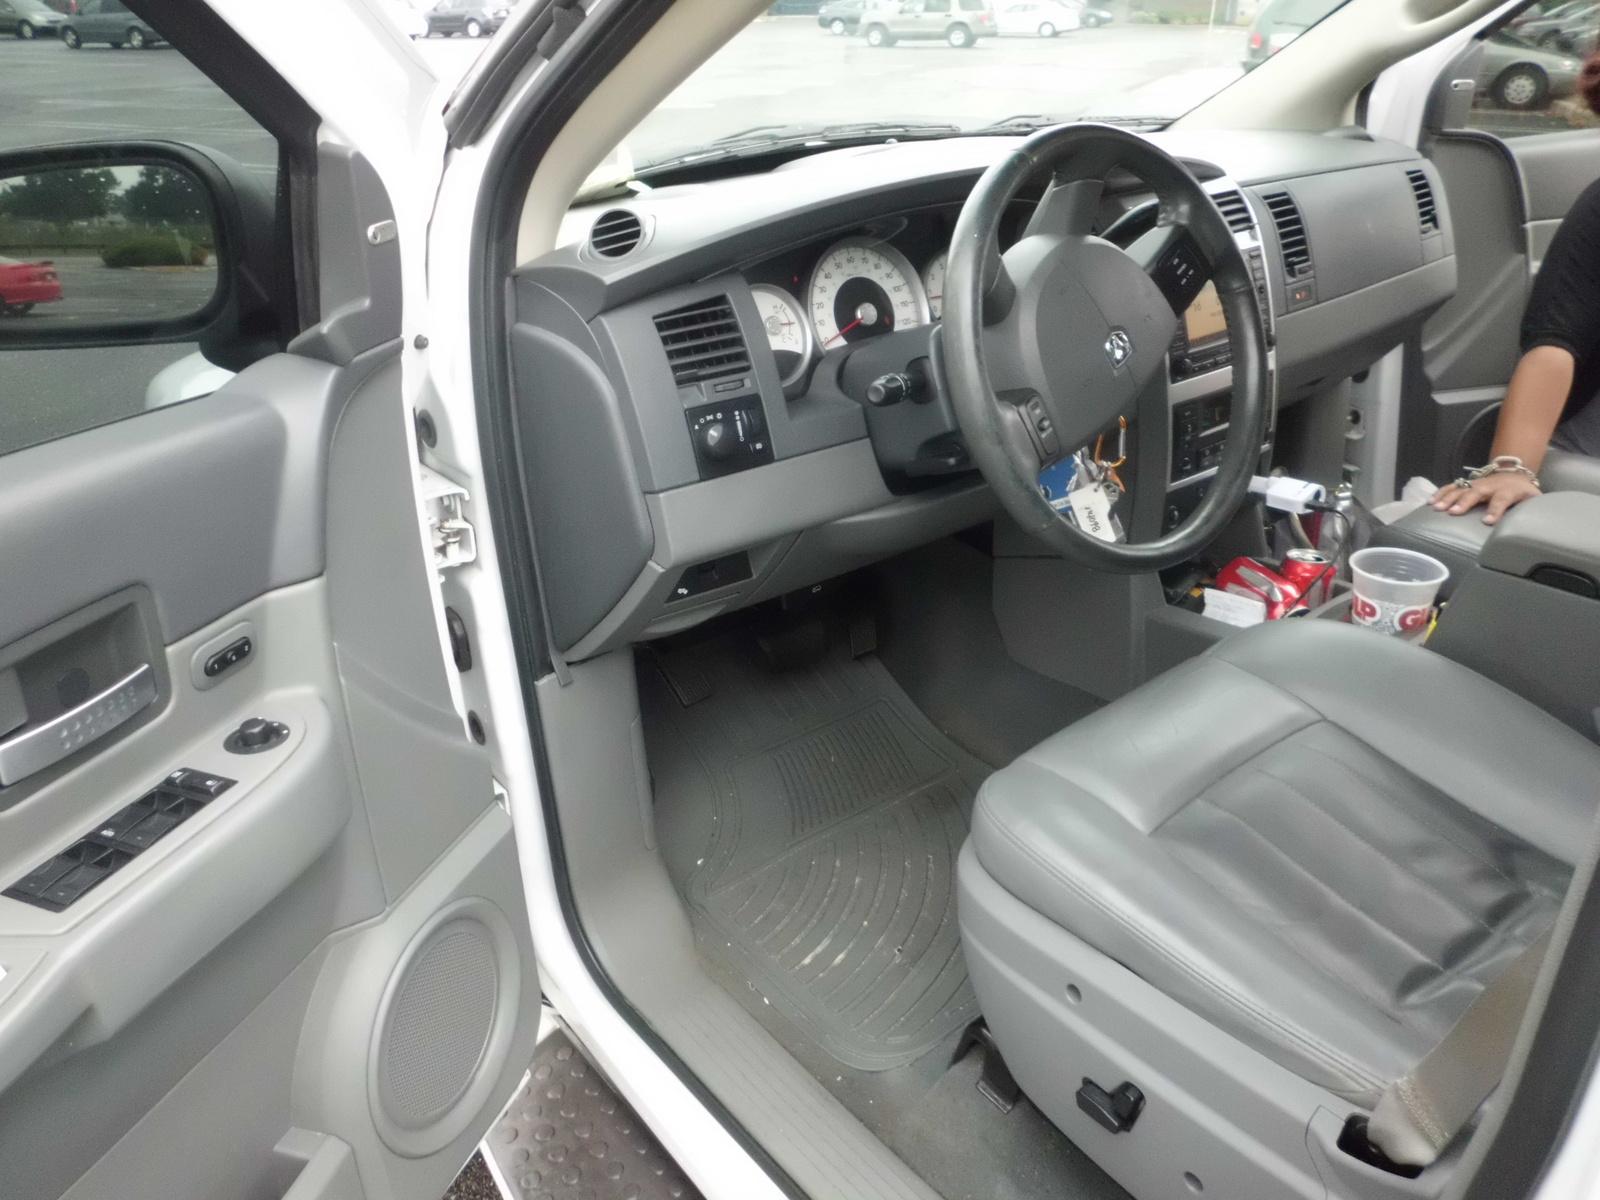 2005 dodge durango interior parts - 2005 dodge ram 1500 interior parts ...